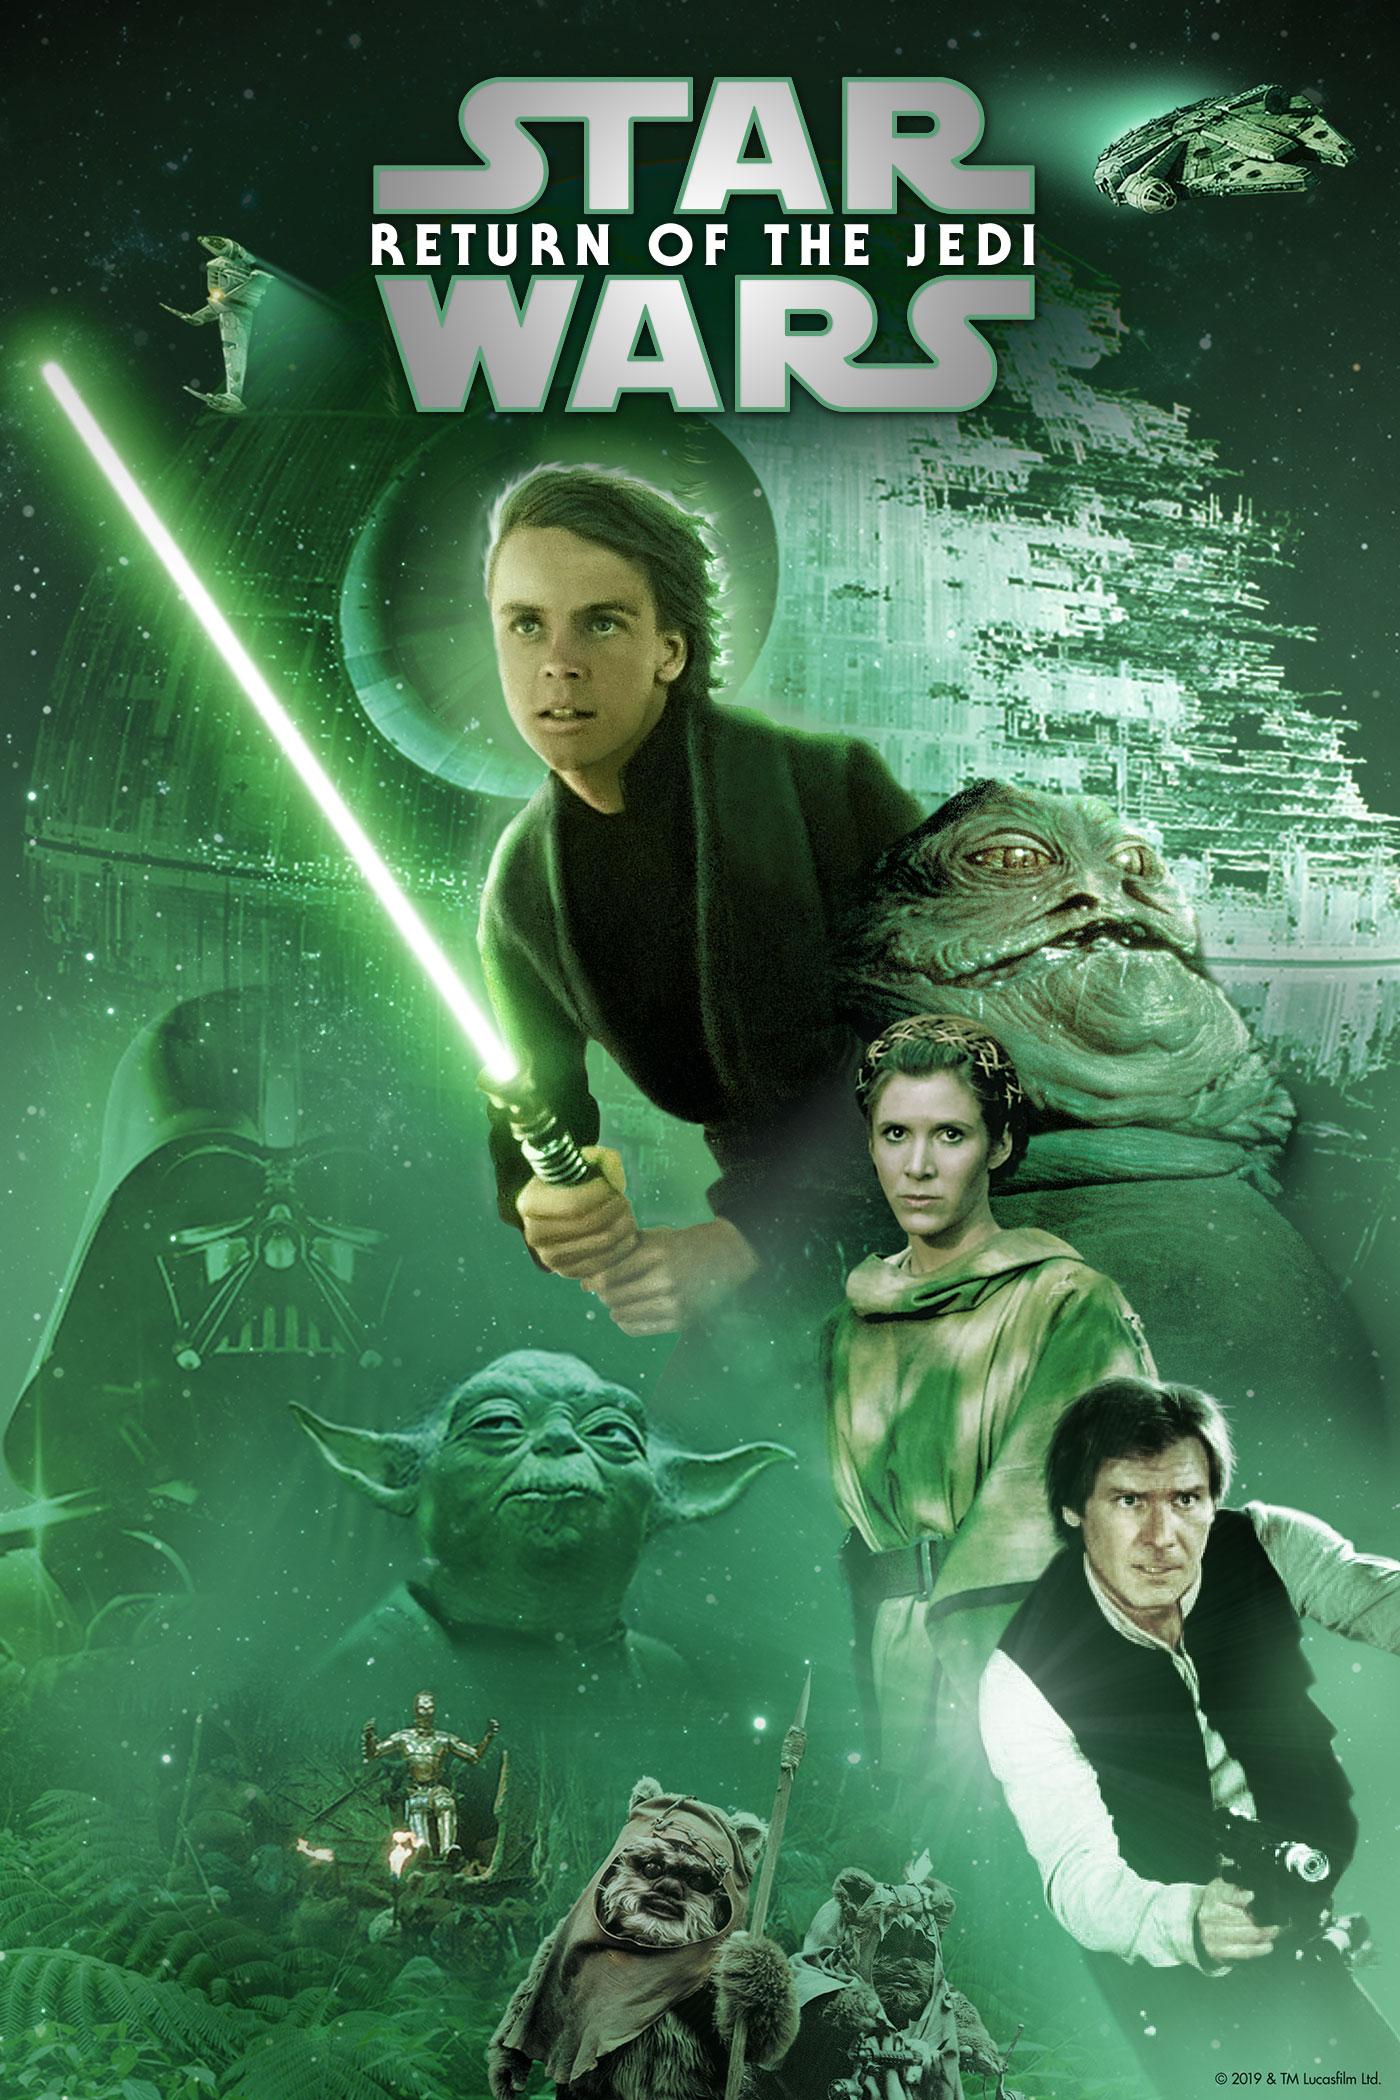 Star Wars movies tournament: Return of the Jedi MMVCED39B7F719F088297C635F5F9A61482B